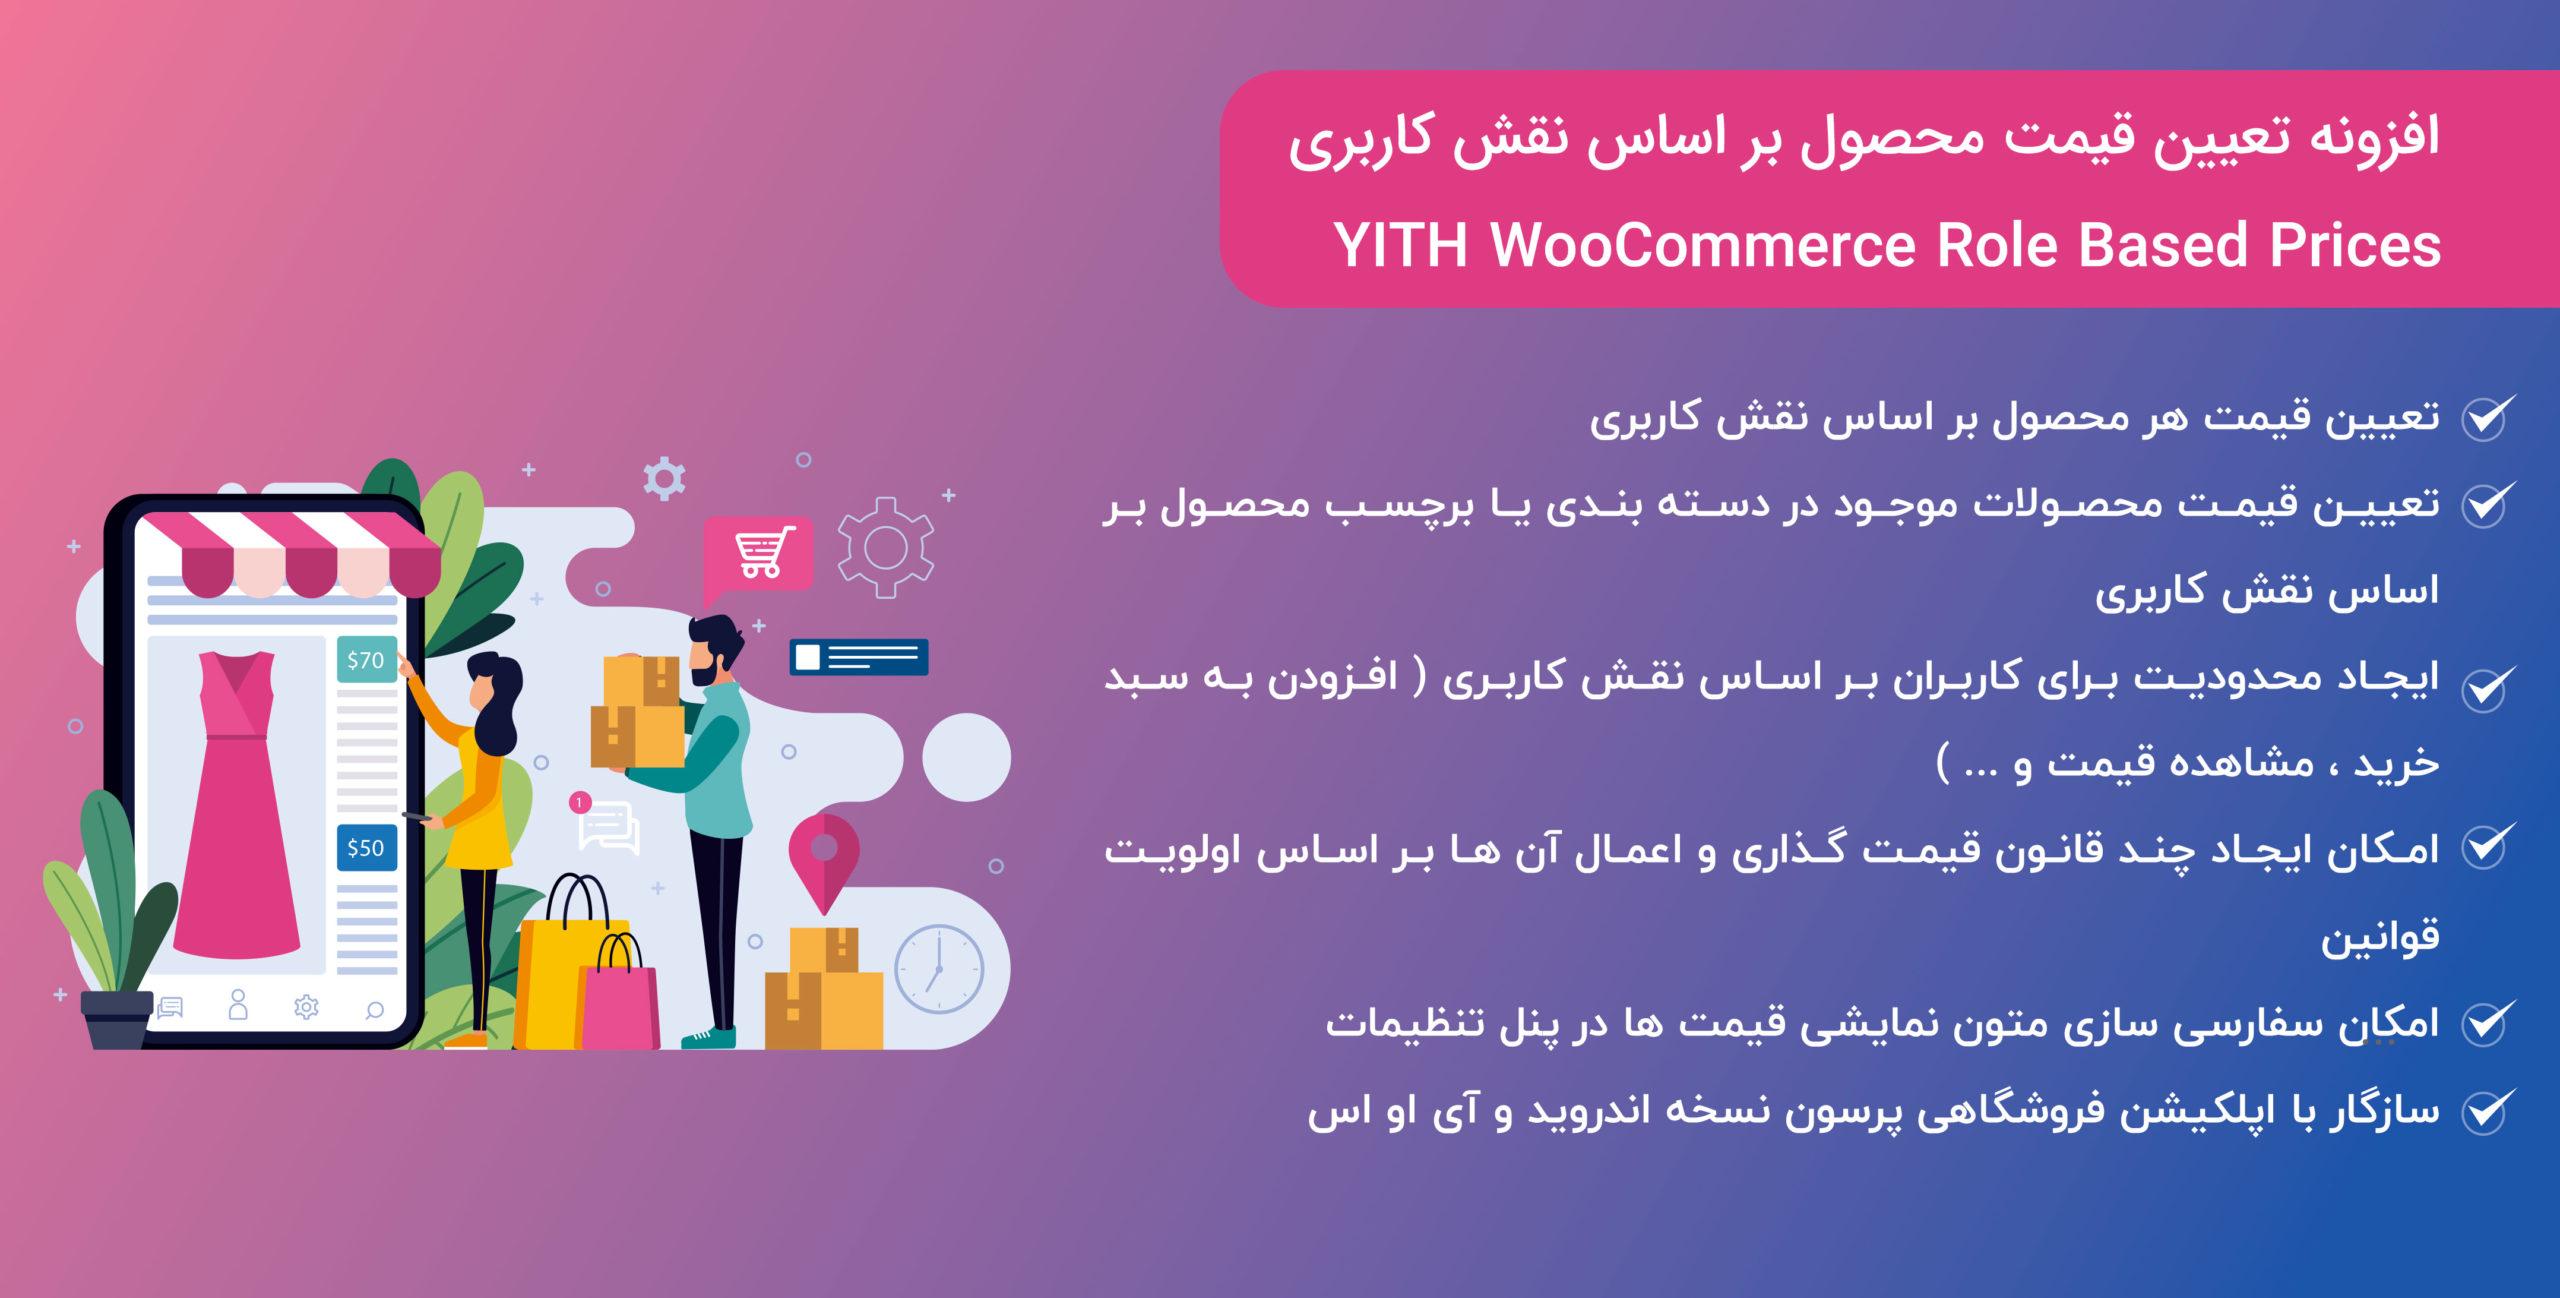 افزونه تعیین قیمت بر اساس نقش کاربری | Yith WooCommerce Role Based Price